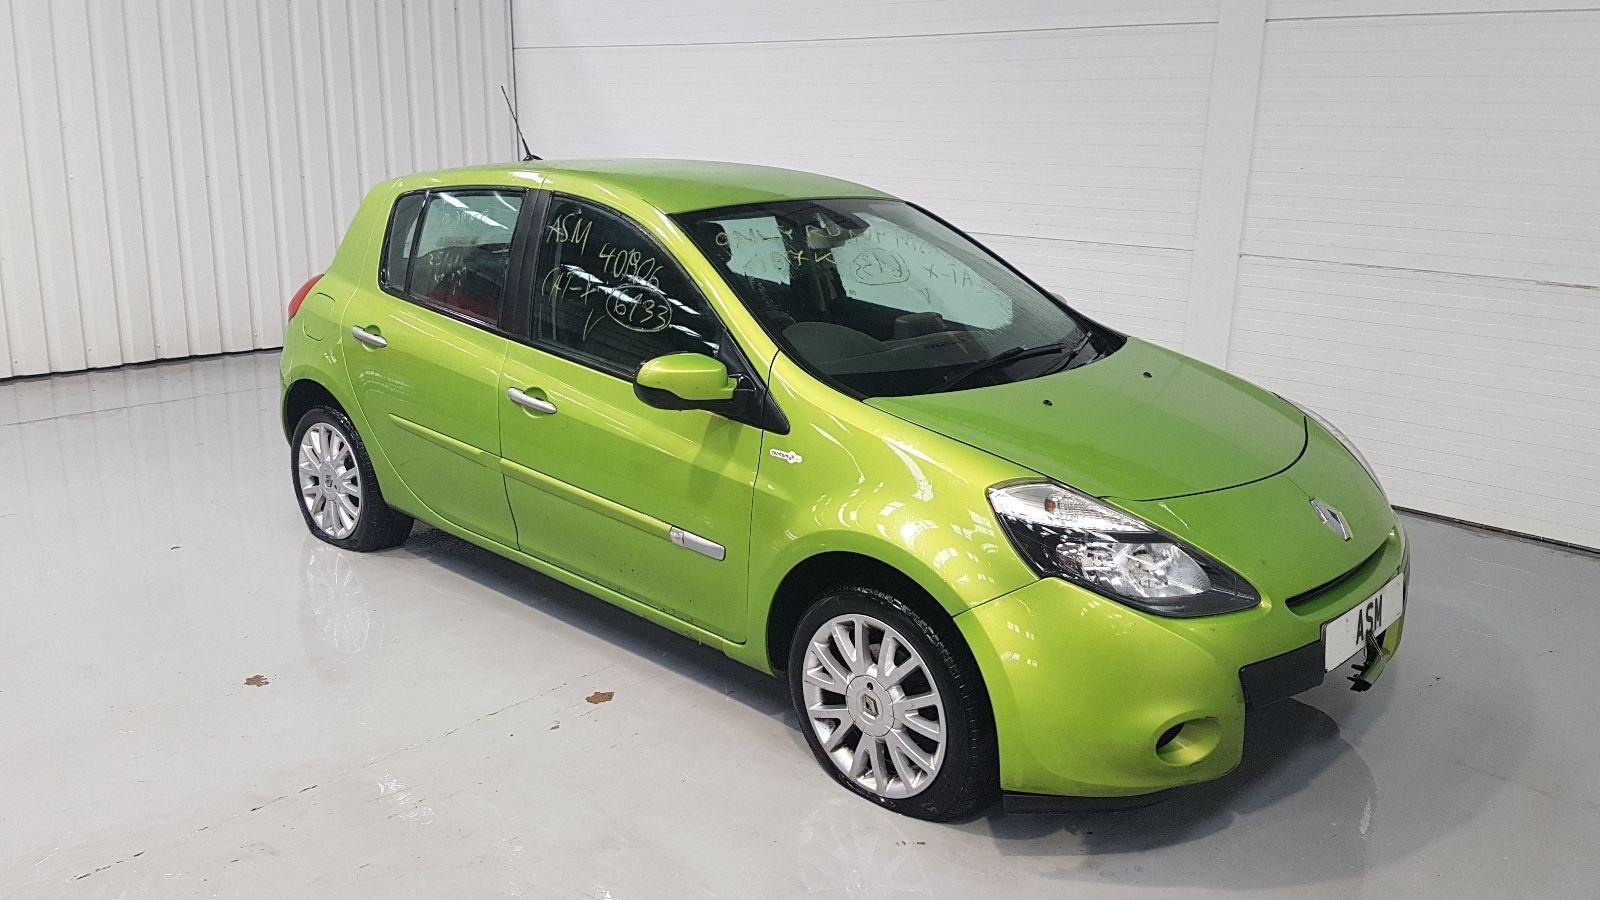 Image for a Renault Clio 2010 5 Door Hatchback Breaking